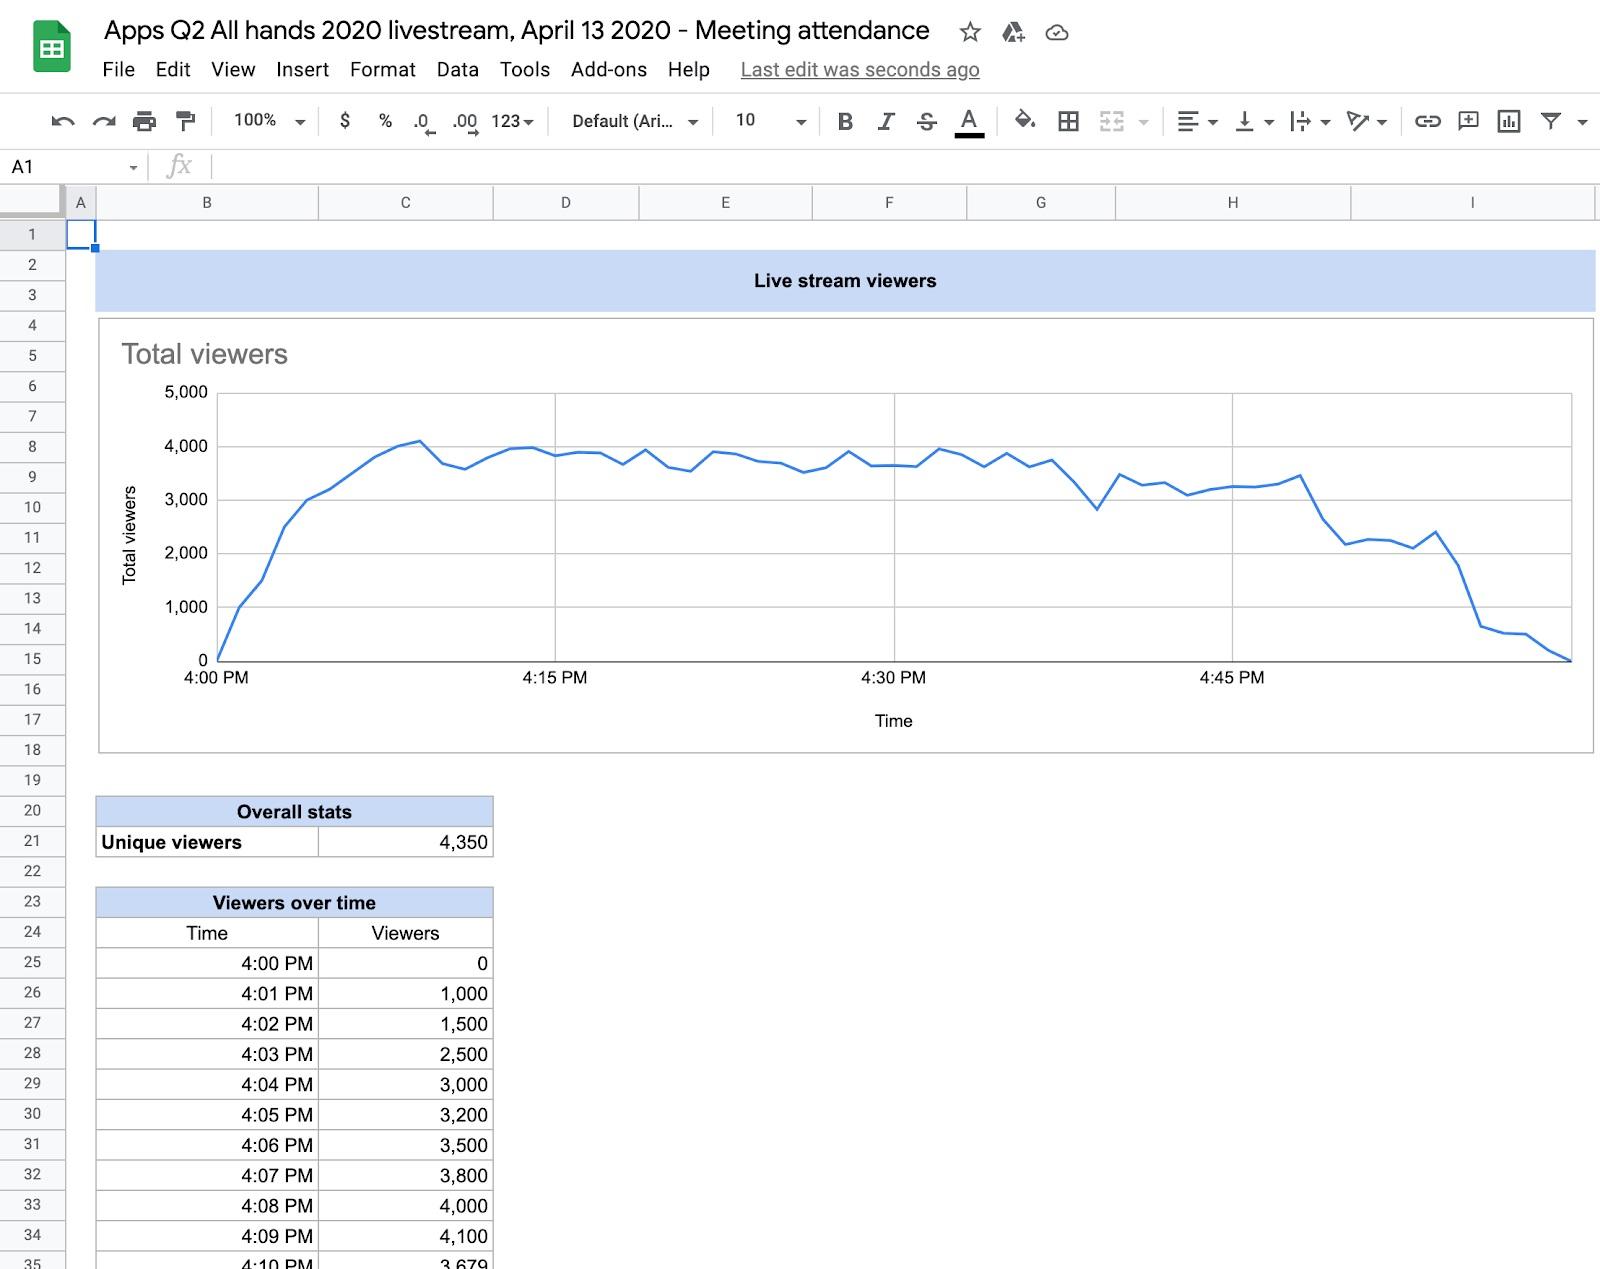 Google Meet Attendance data